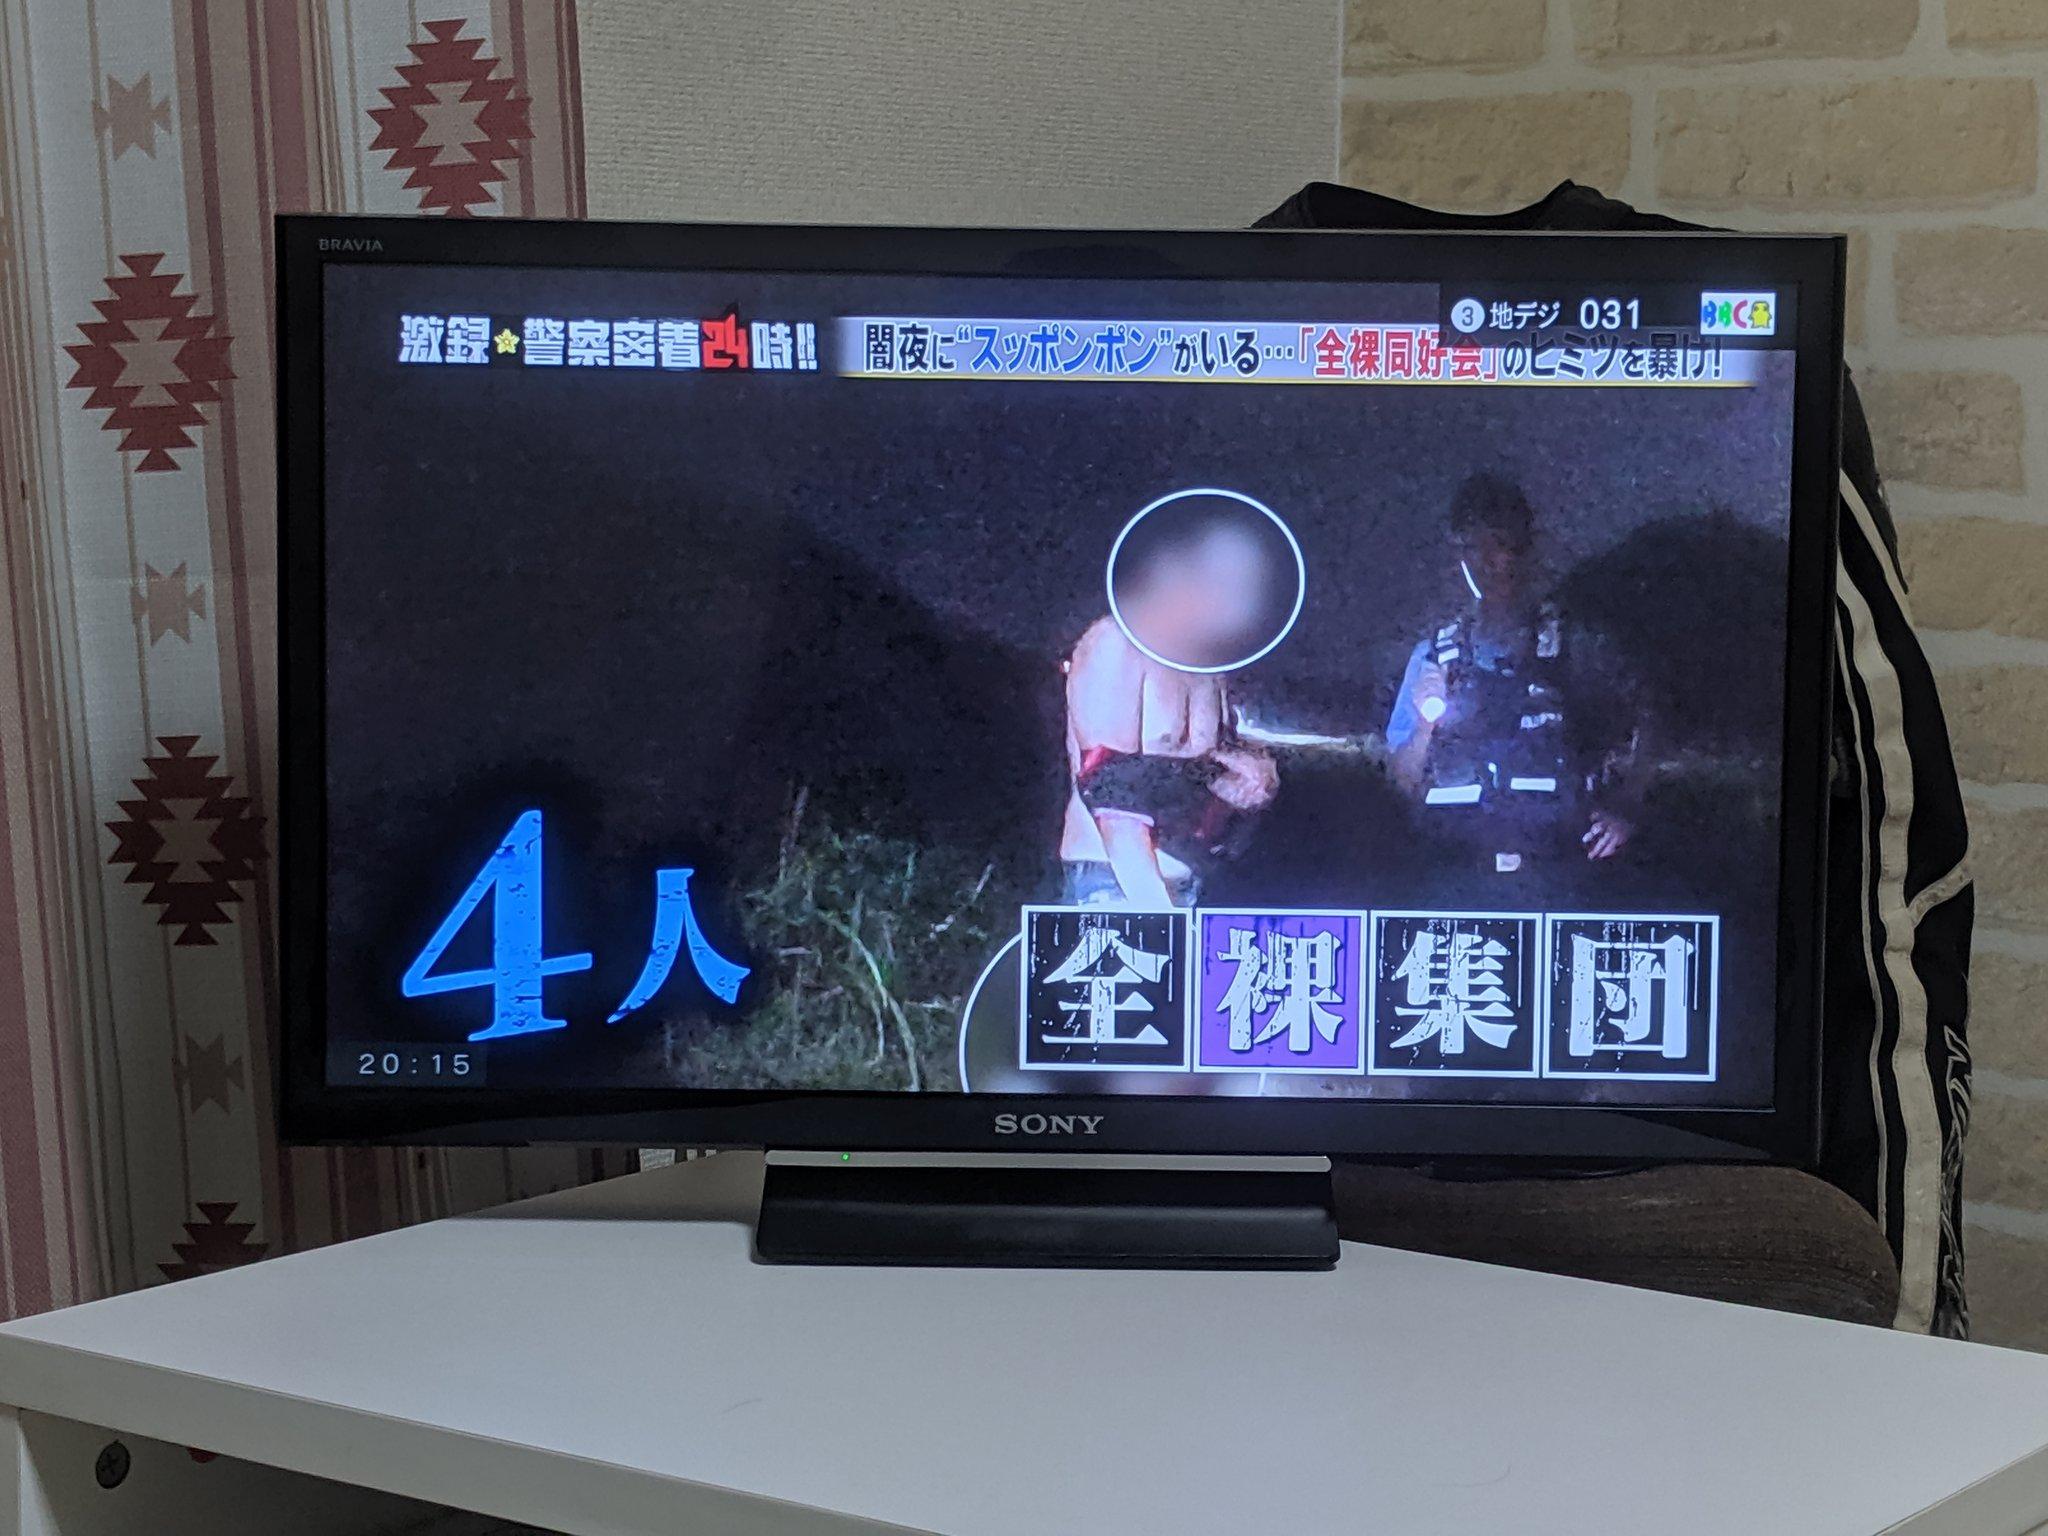 【緊急】岡山の県北の川の土手で全裸男性4人を逮捕www